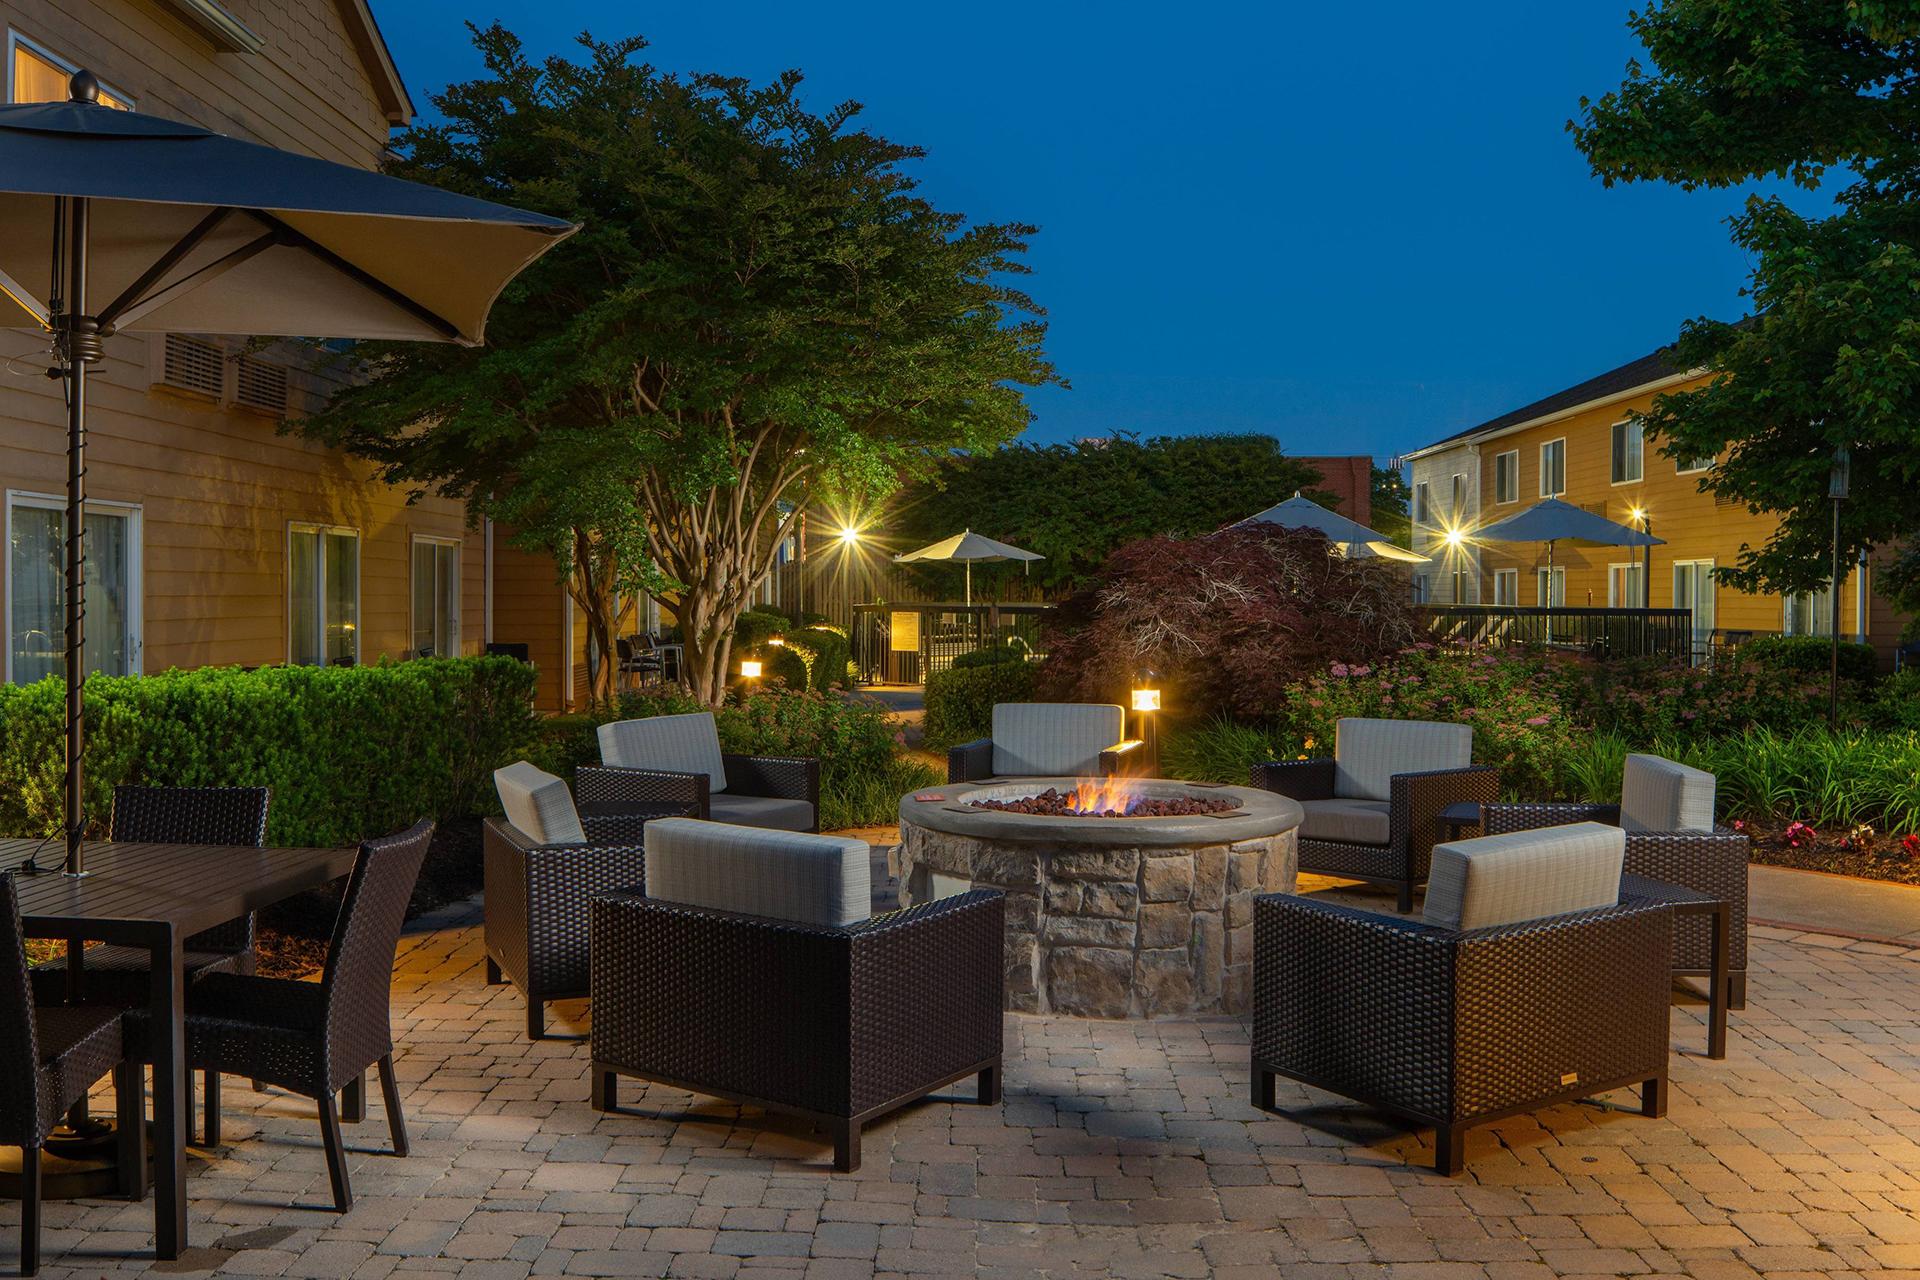 Sonesta Select Chattanooga Outdoor Patio